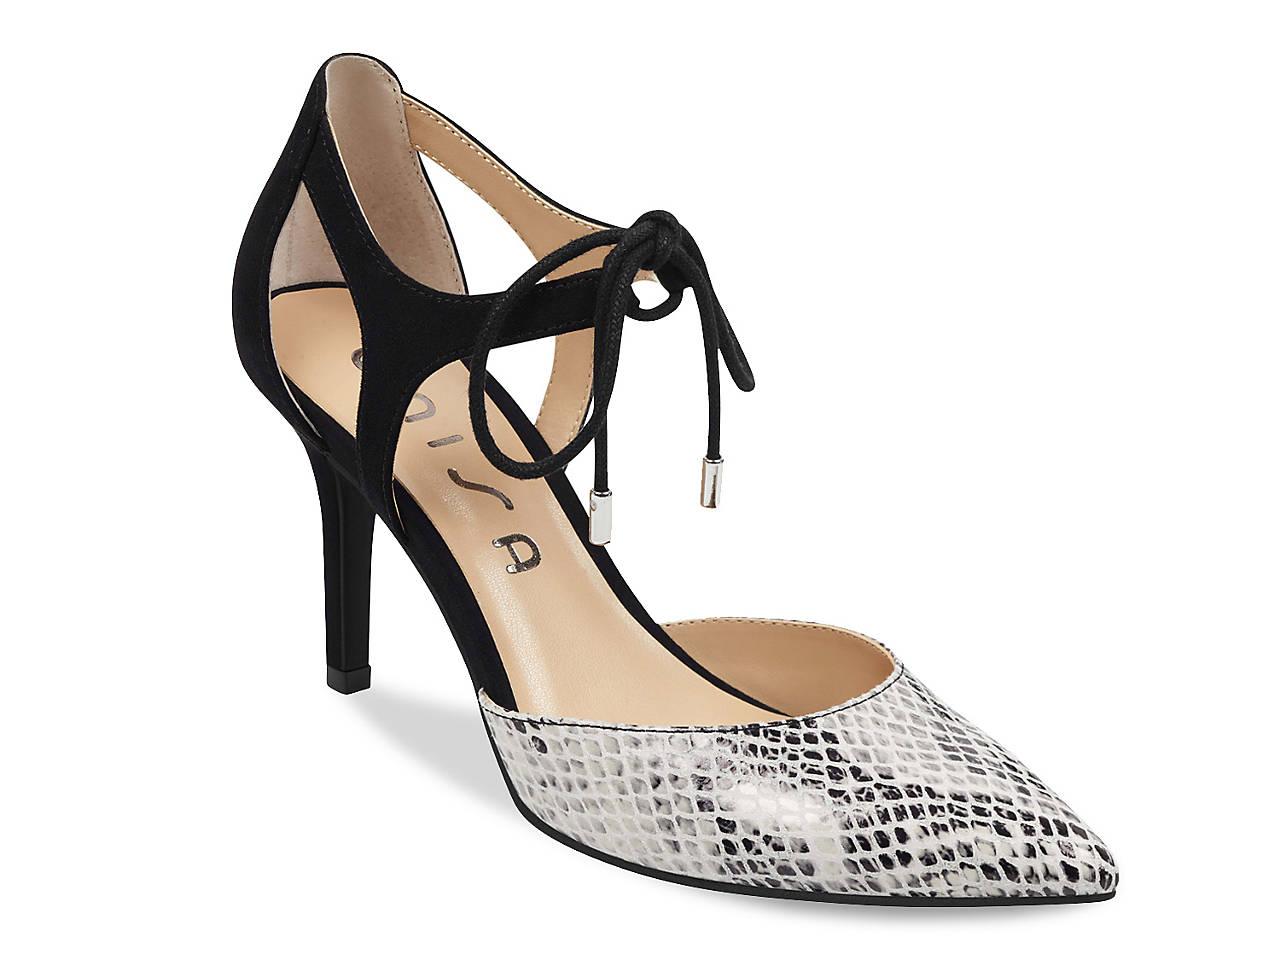 765afc03da2f Unisa Amabelle Pump Women s Shoes